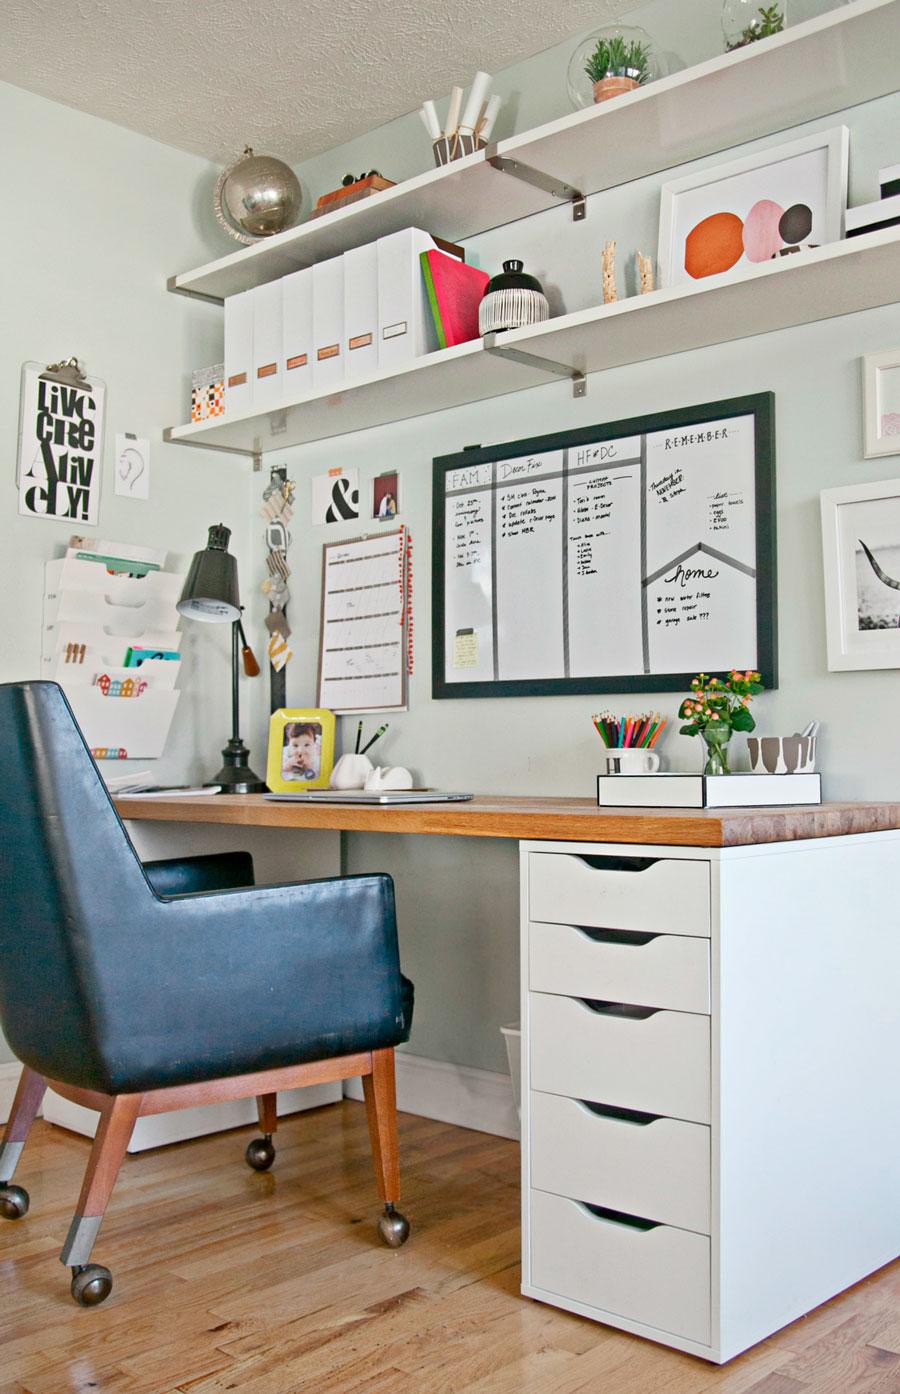 Oficinas Para Hacer Teletrabajo En Tiempos de Covid by artesydisenos.blogspot.pe